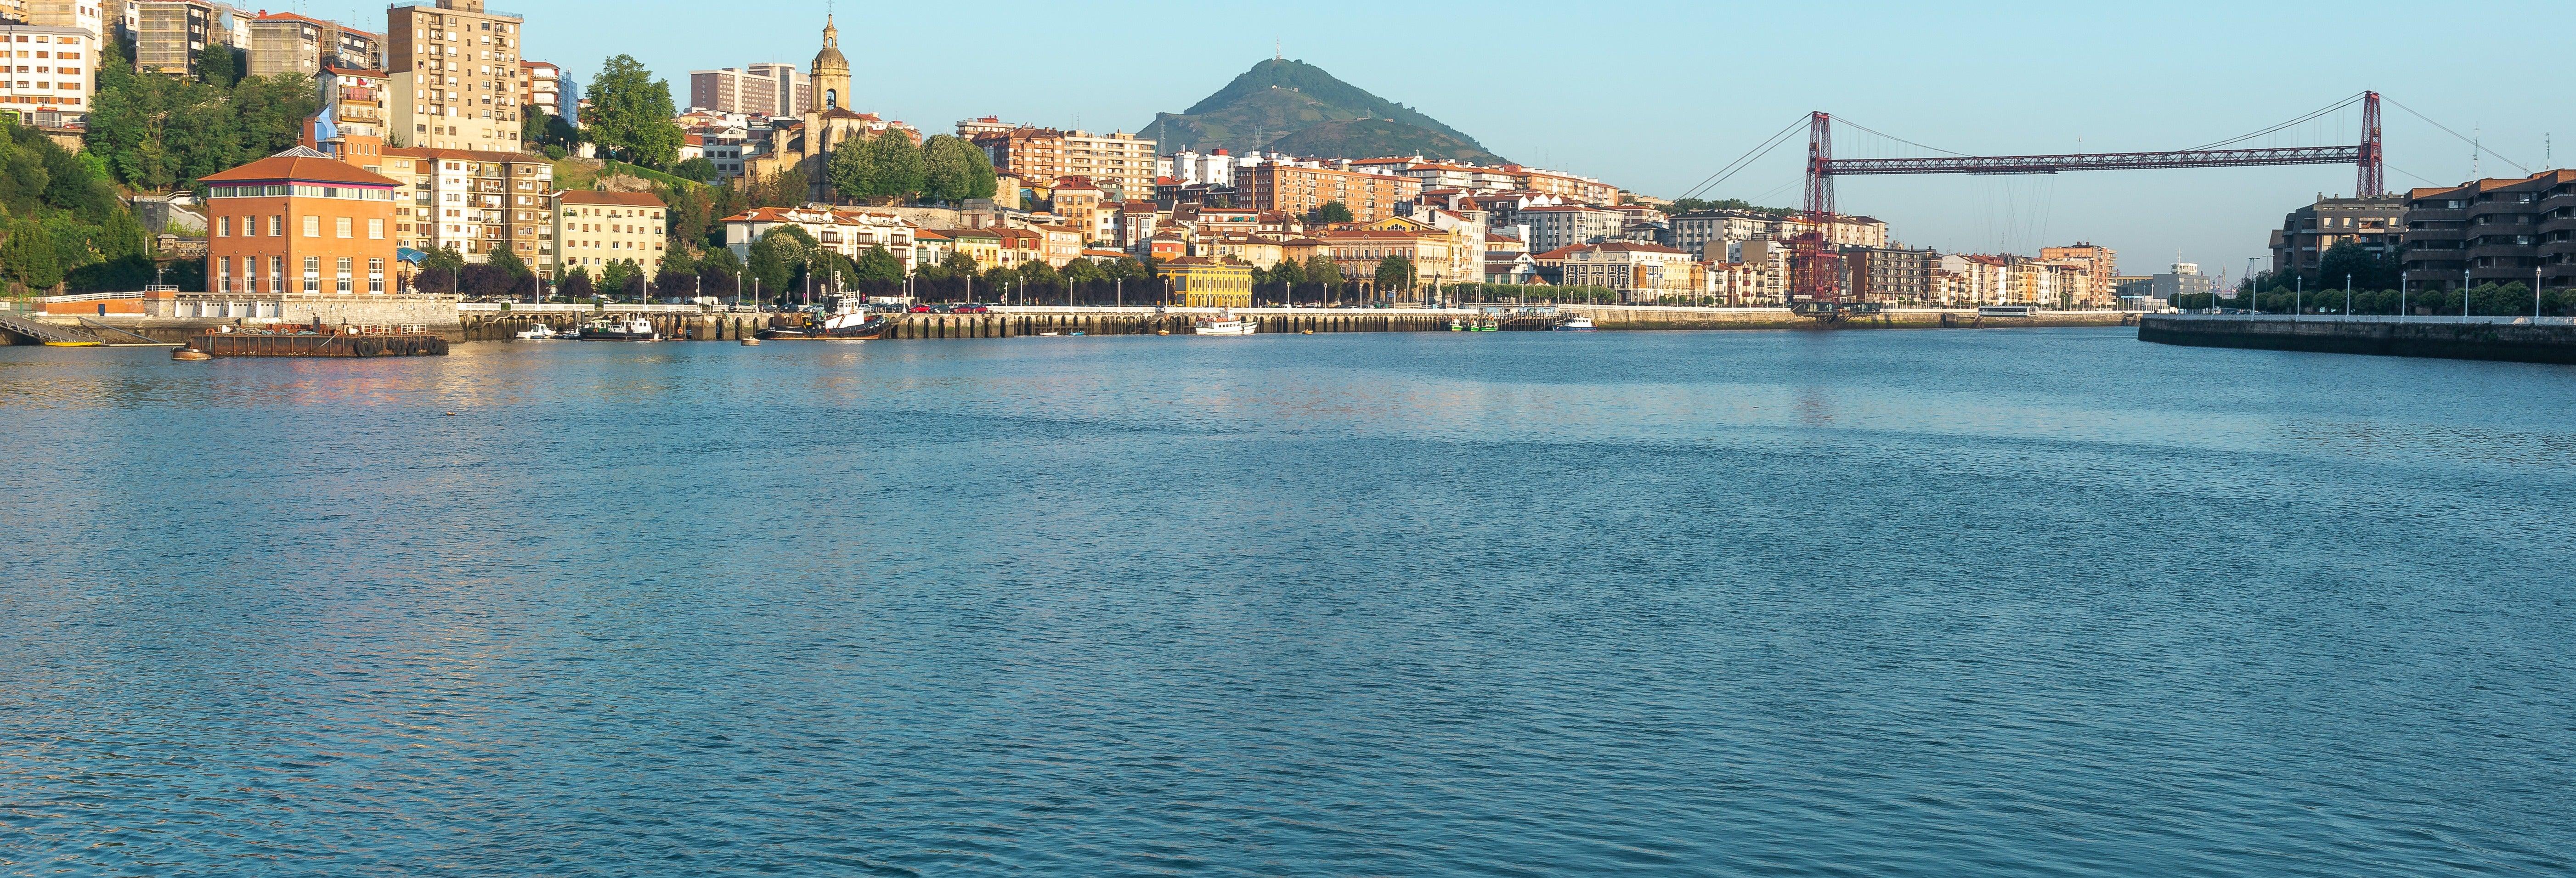 Barco turístico pela Baía do Abra